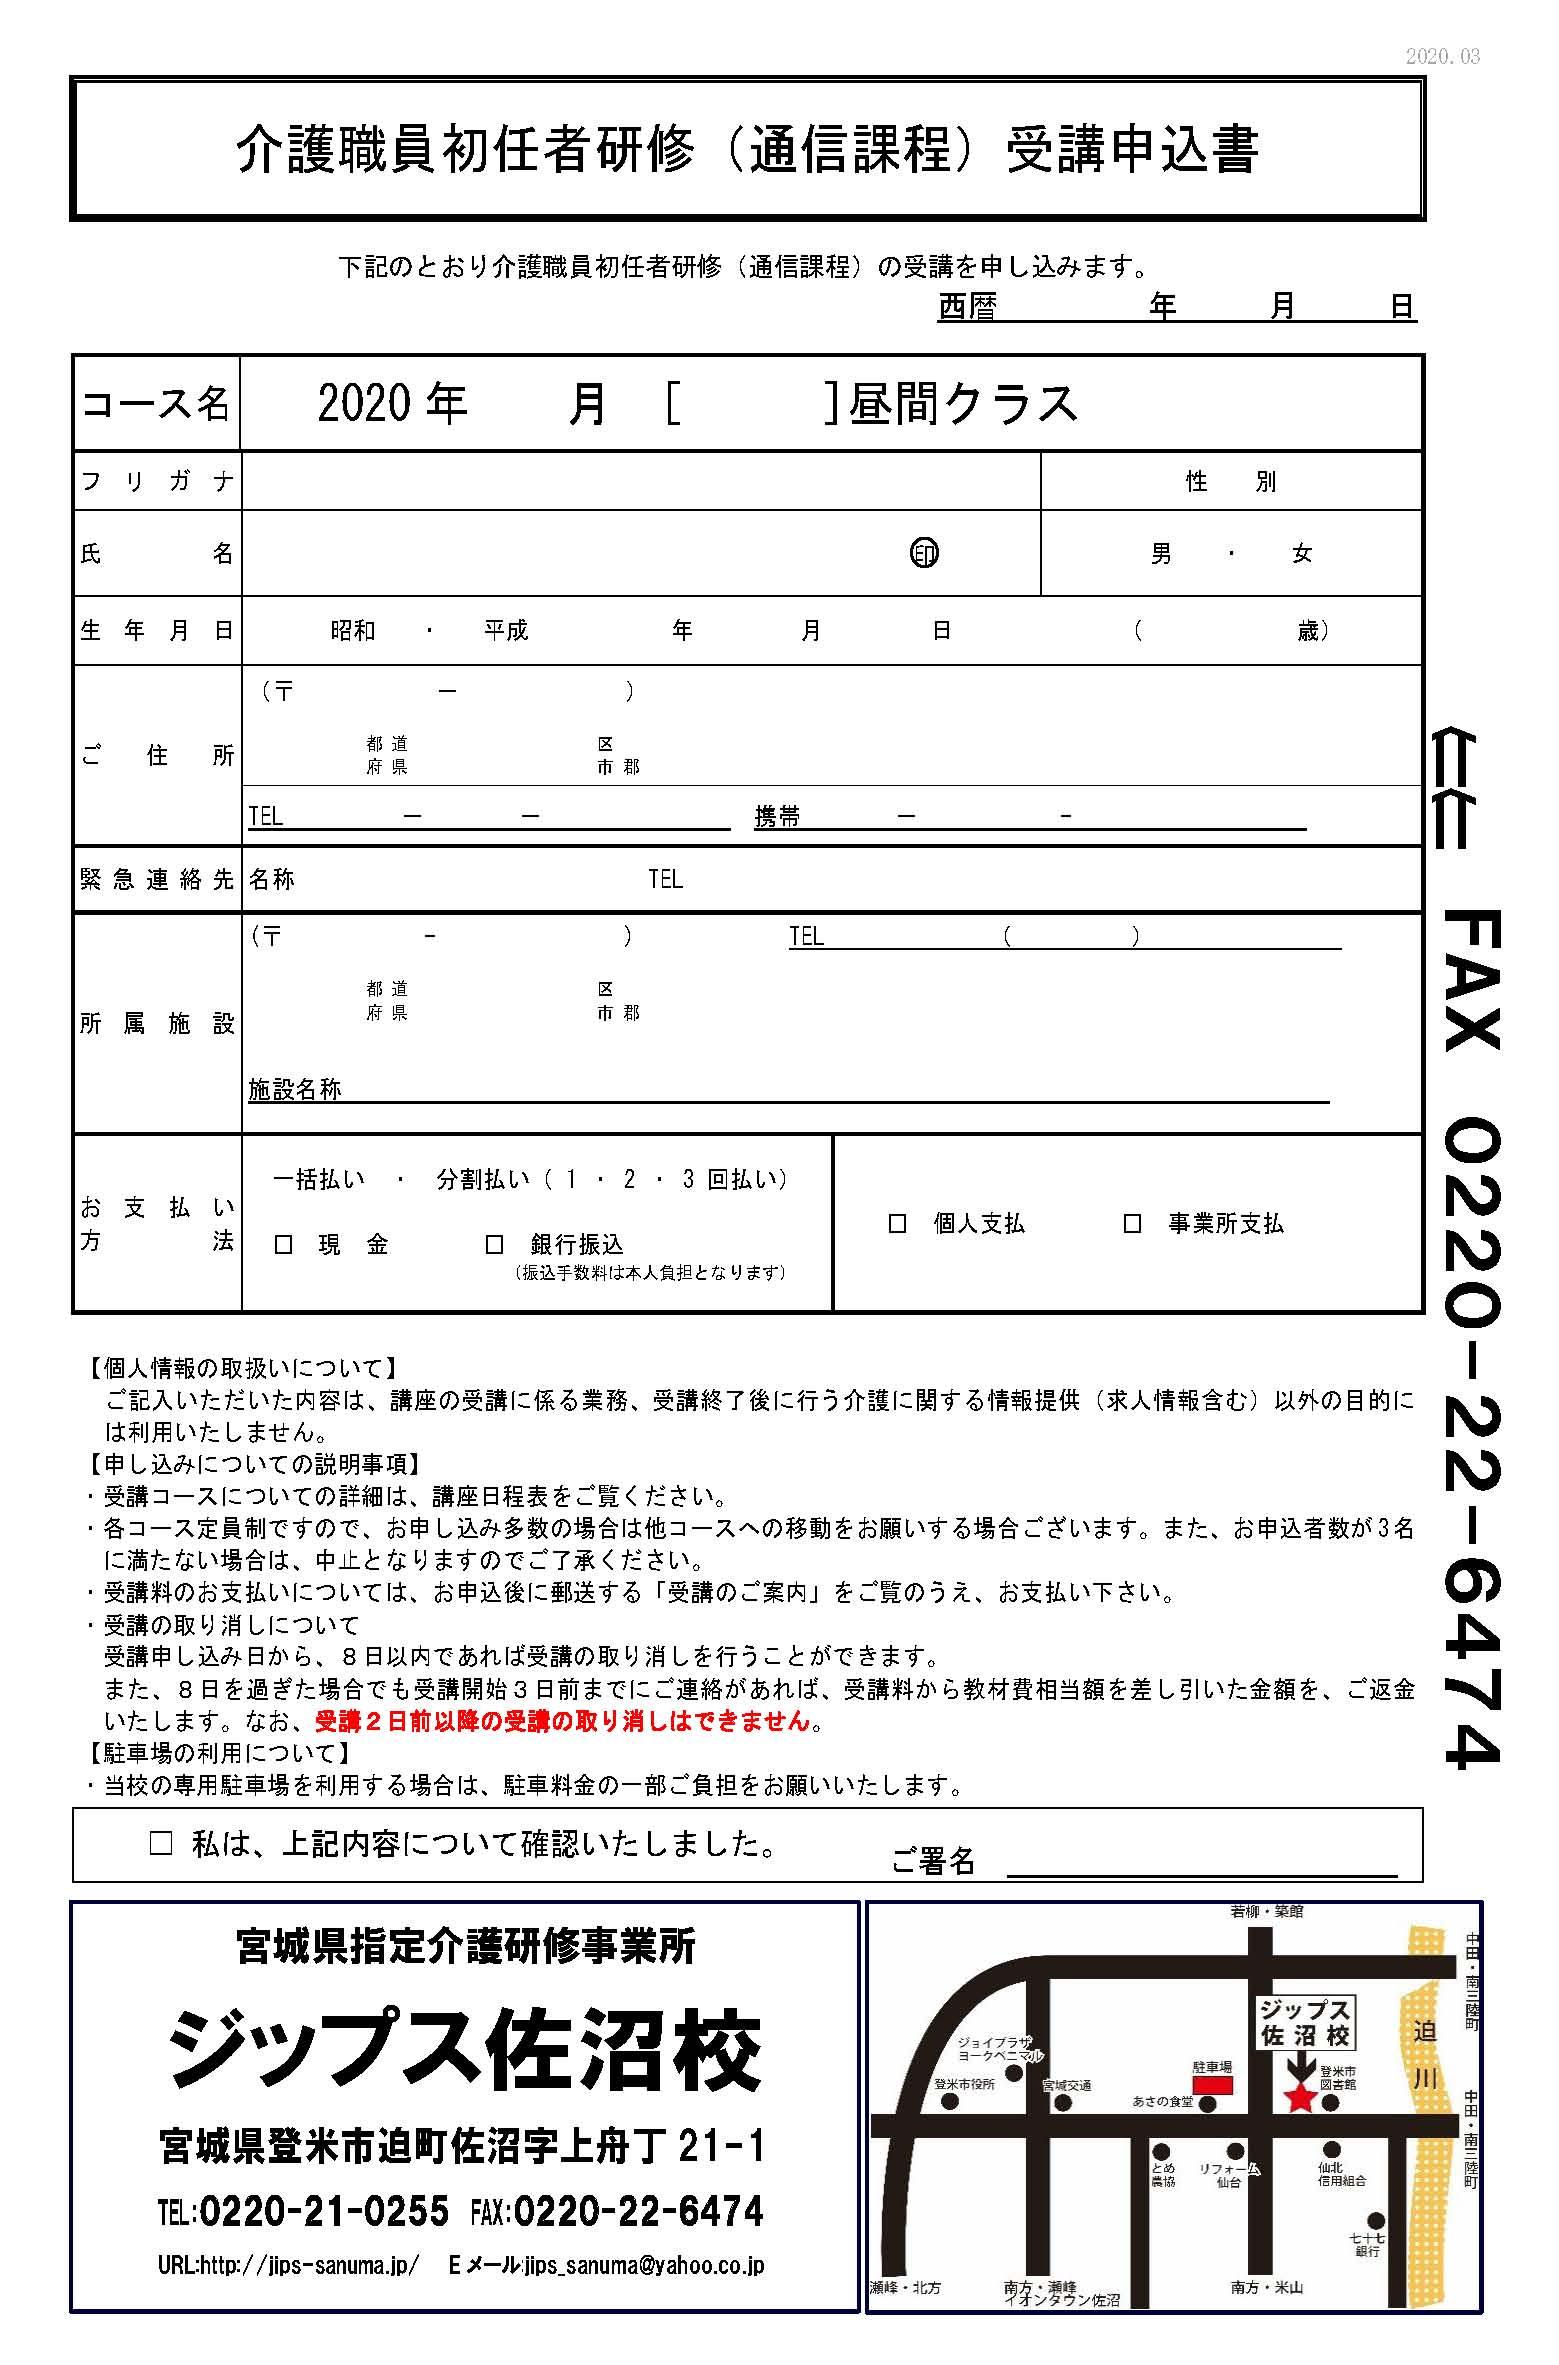 初任者研修募集チラシ2020年4月-6月_ページ_2